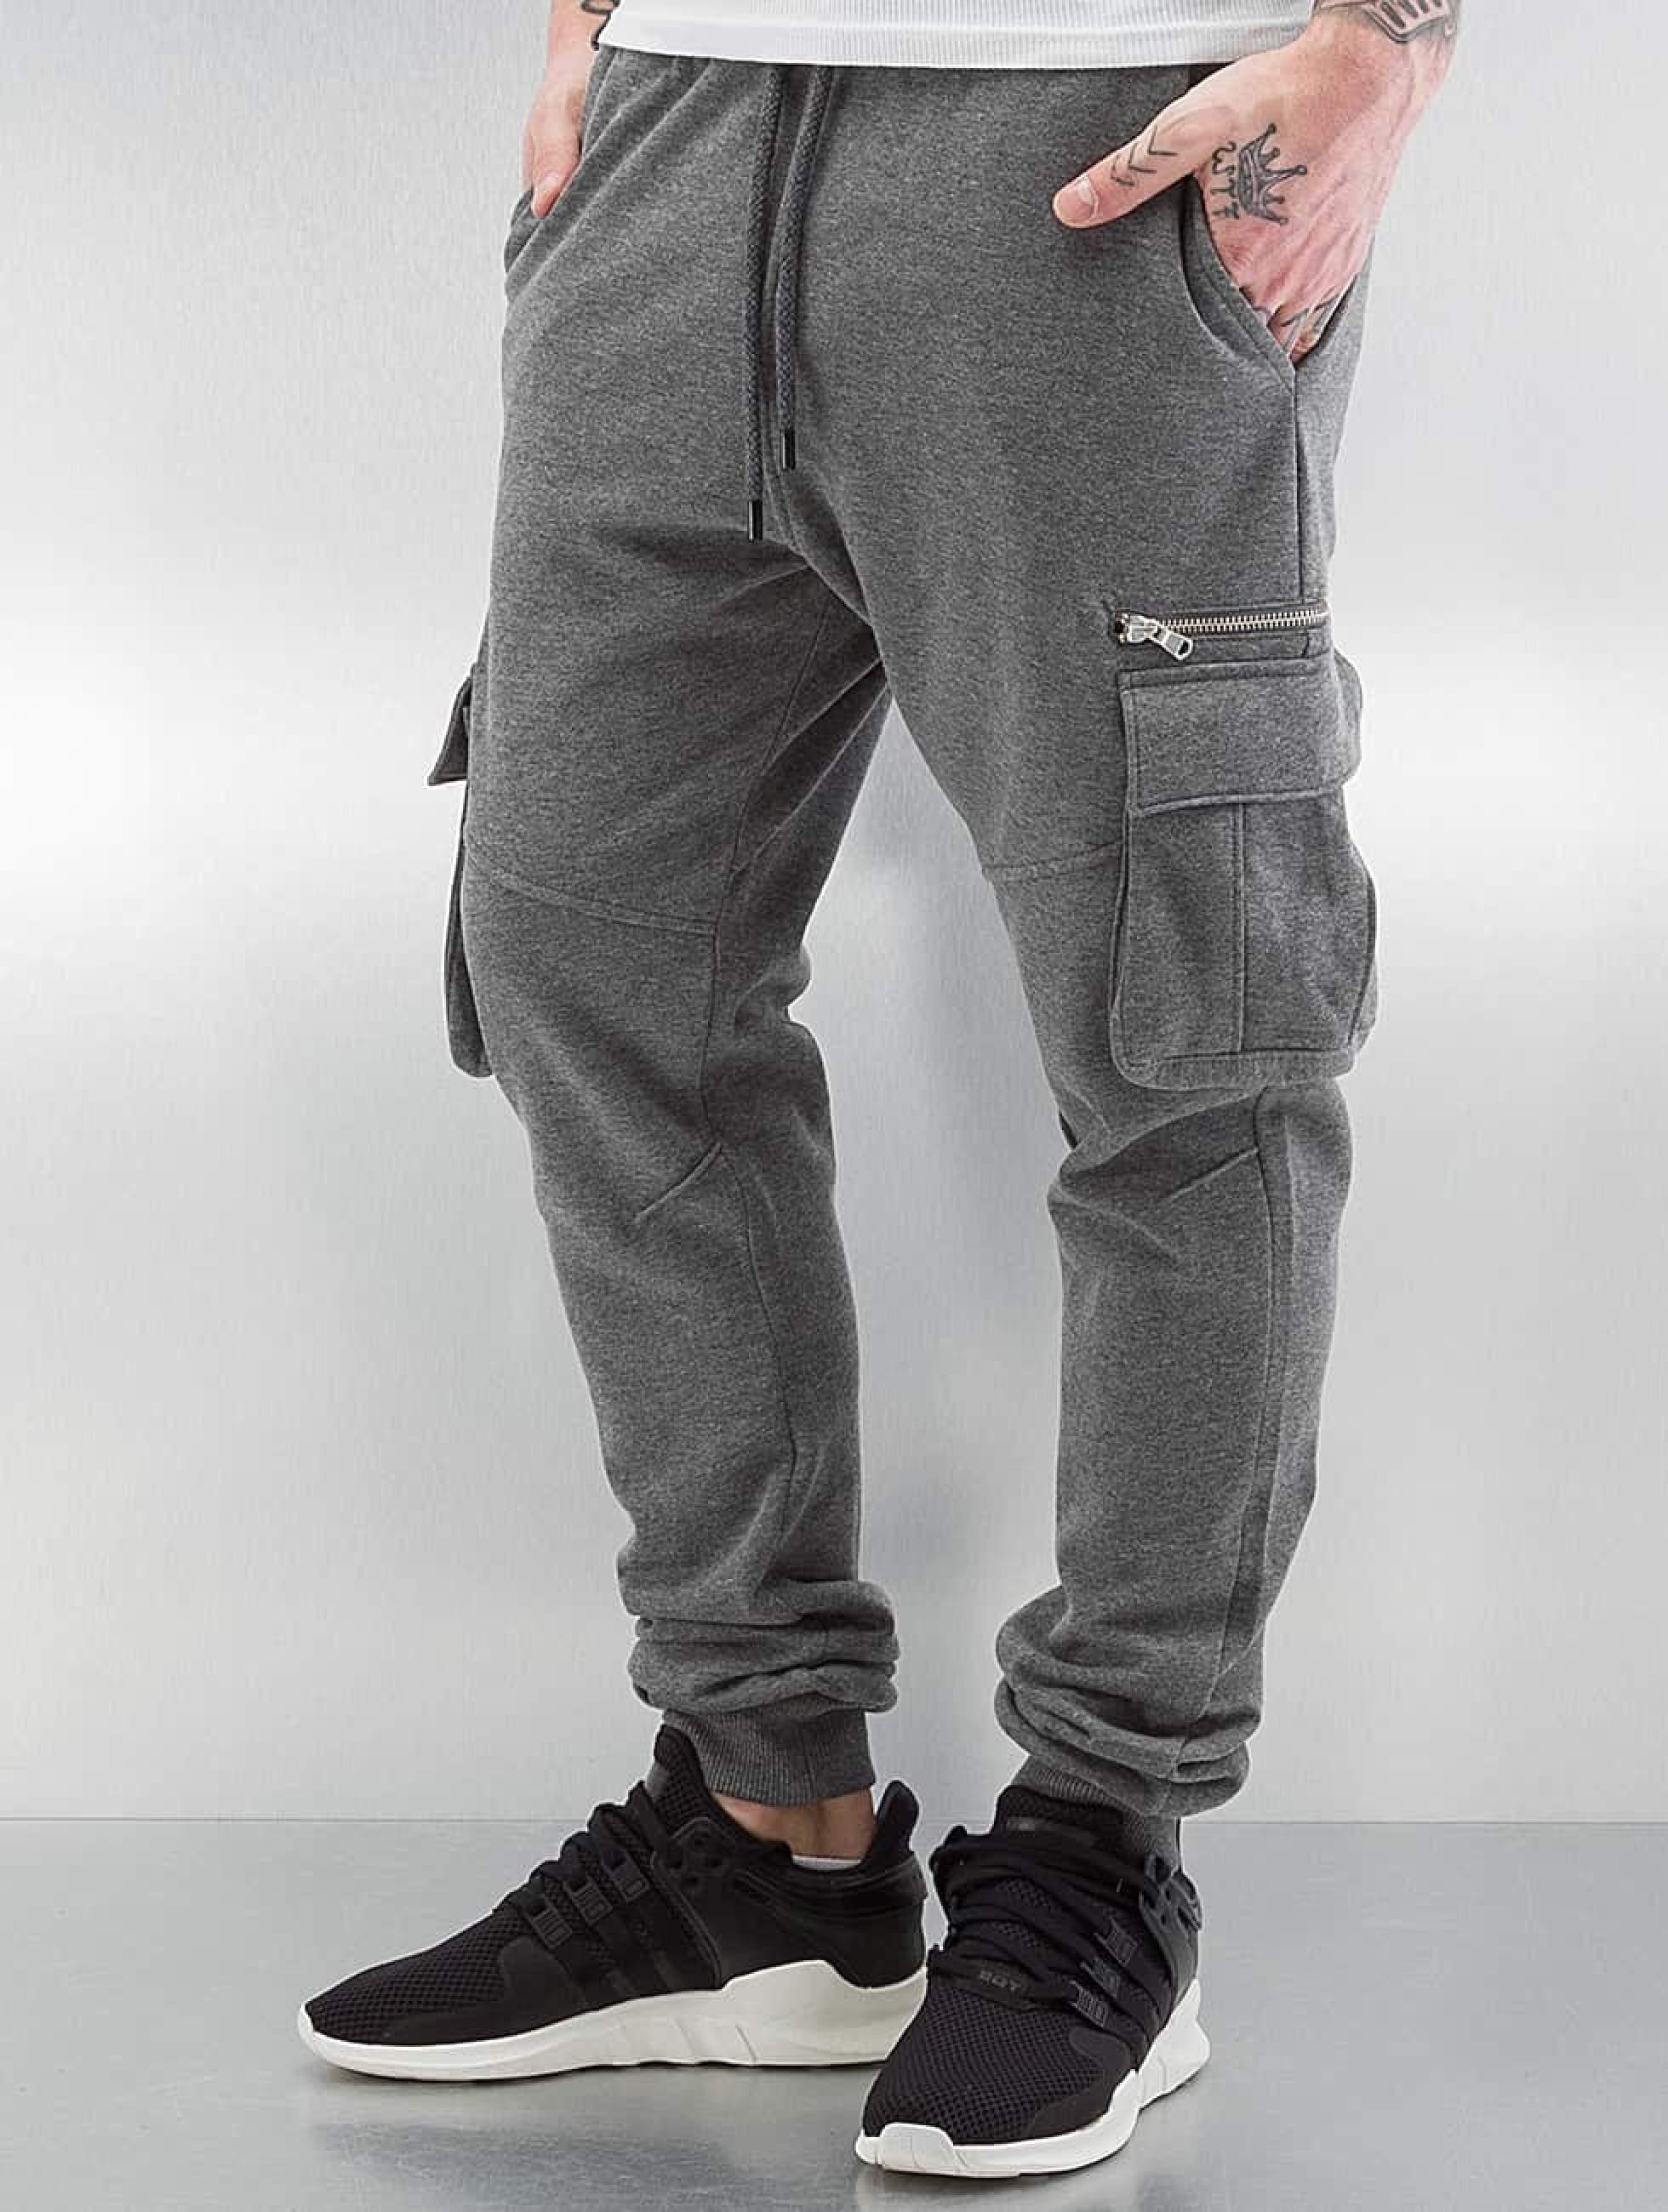 Bangastic / Sweat Pant Denton in grey M